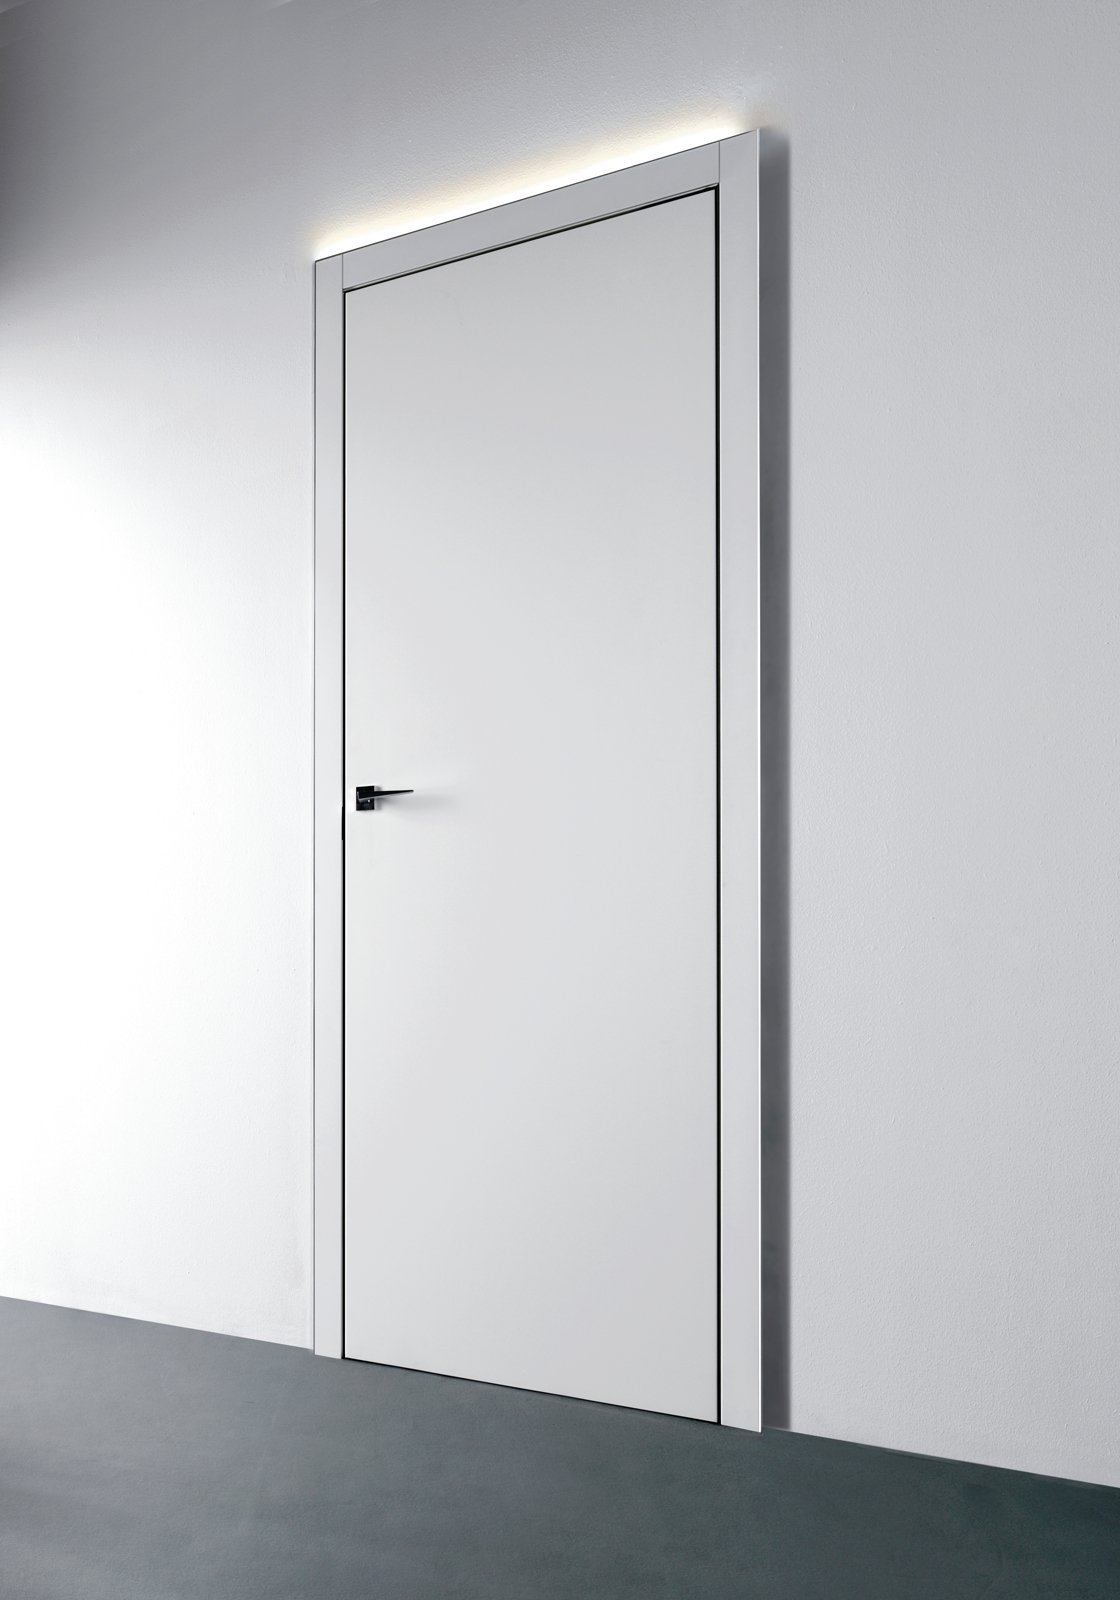 Porte e arredo i consigli su come abbinare stili e for Specchio bagno profilo alluminio